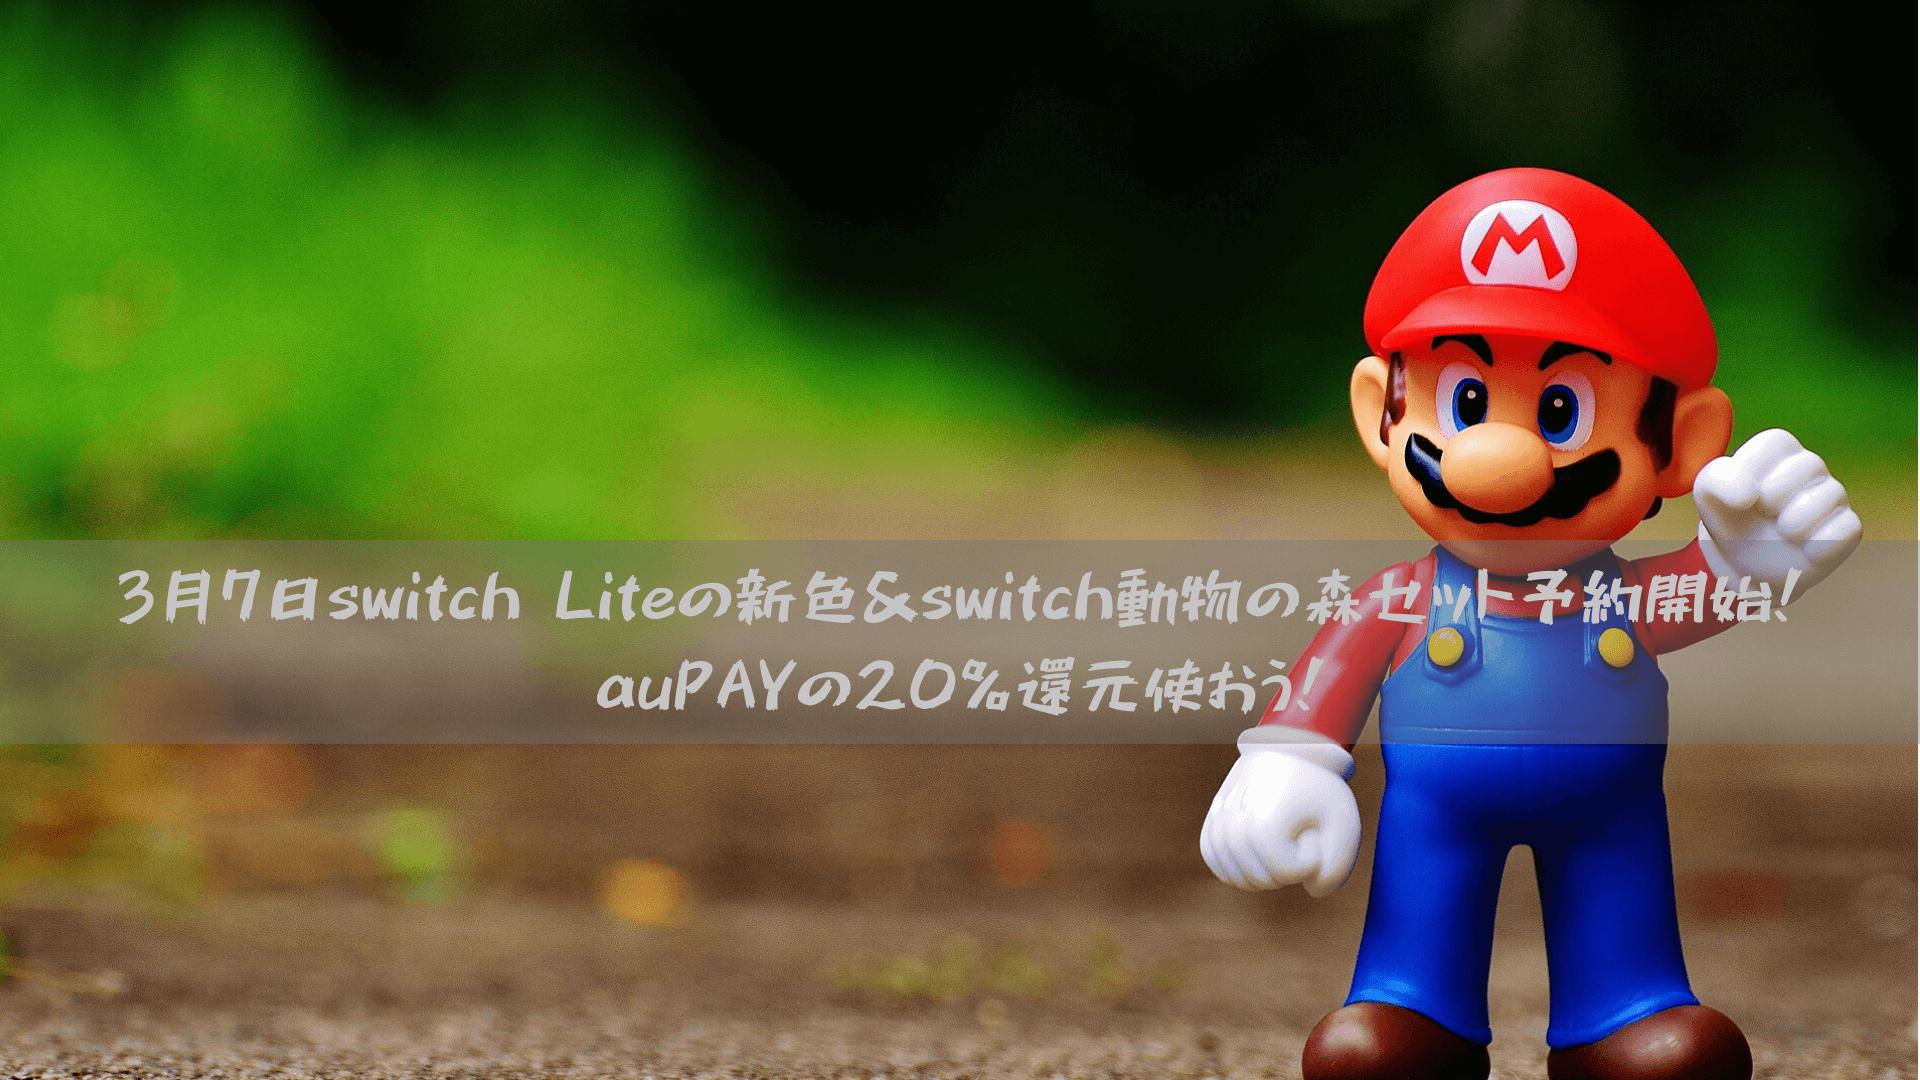 3月7日switch Liteの新色&switch動物の森セット予約開始!auPAYの20%還元使おう!